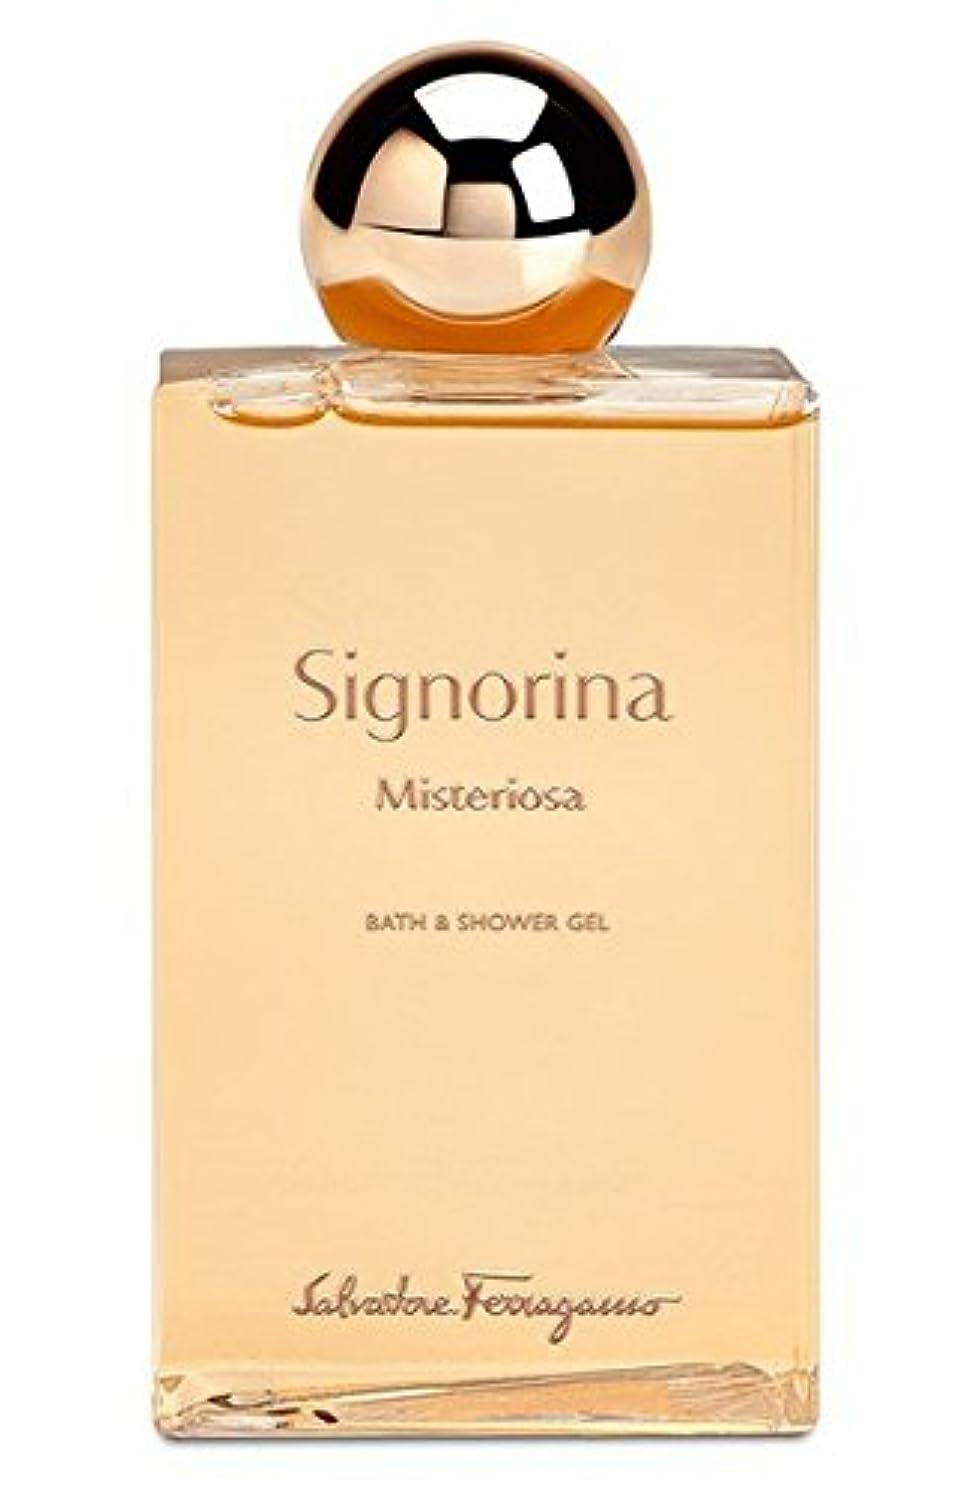 造船機密ゆりSignorina Misteriosa (シグノリーナ ミステリオサ) 6.8 oz (200ml) Bath & Shower Gel by Salvatore Ferragamo for Women